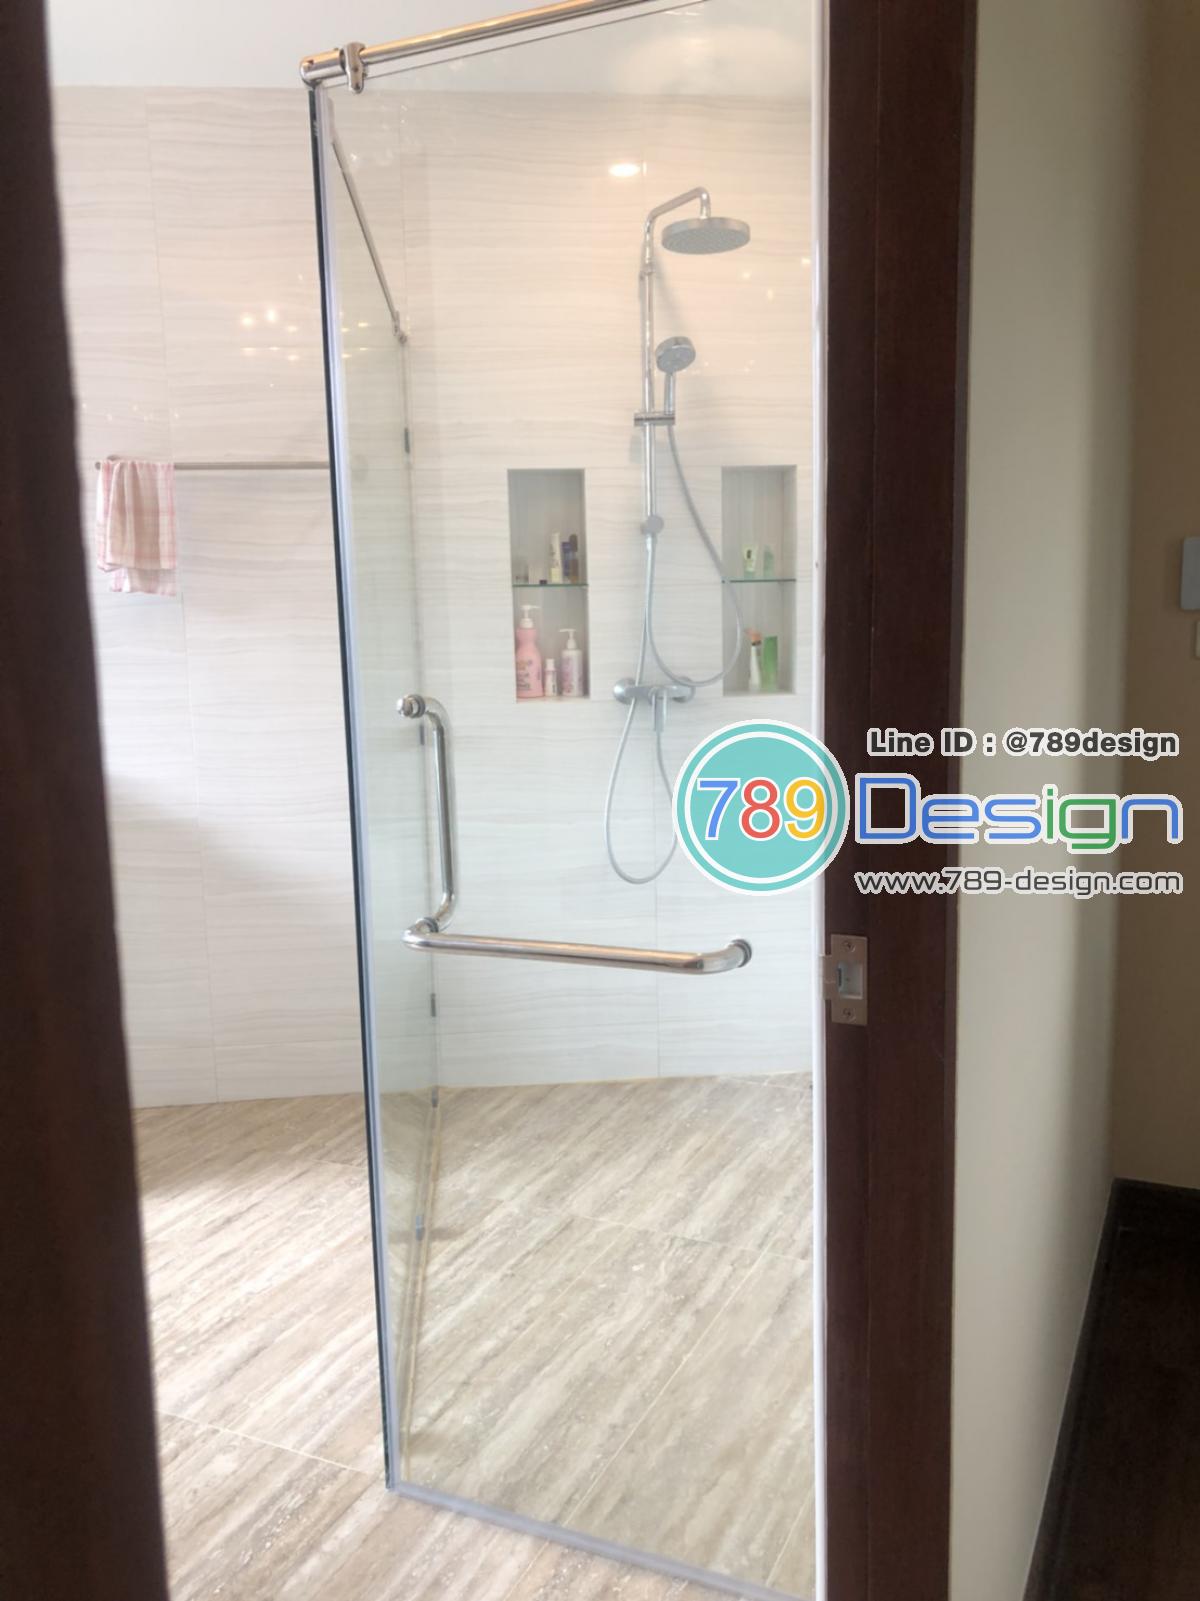 กระจกกั้นอาบน้ำ กระจก shower เทอร์เปอร์ บานเปลือย แบบ บานเปิด และบานเลื่อนเปลือย